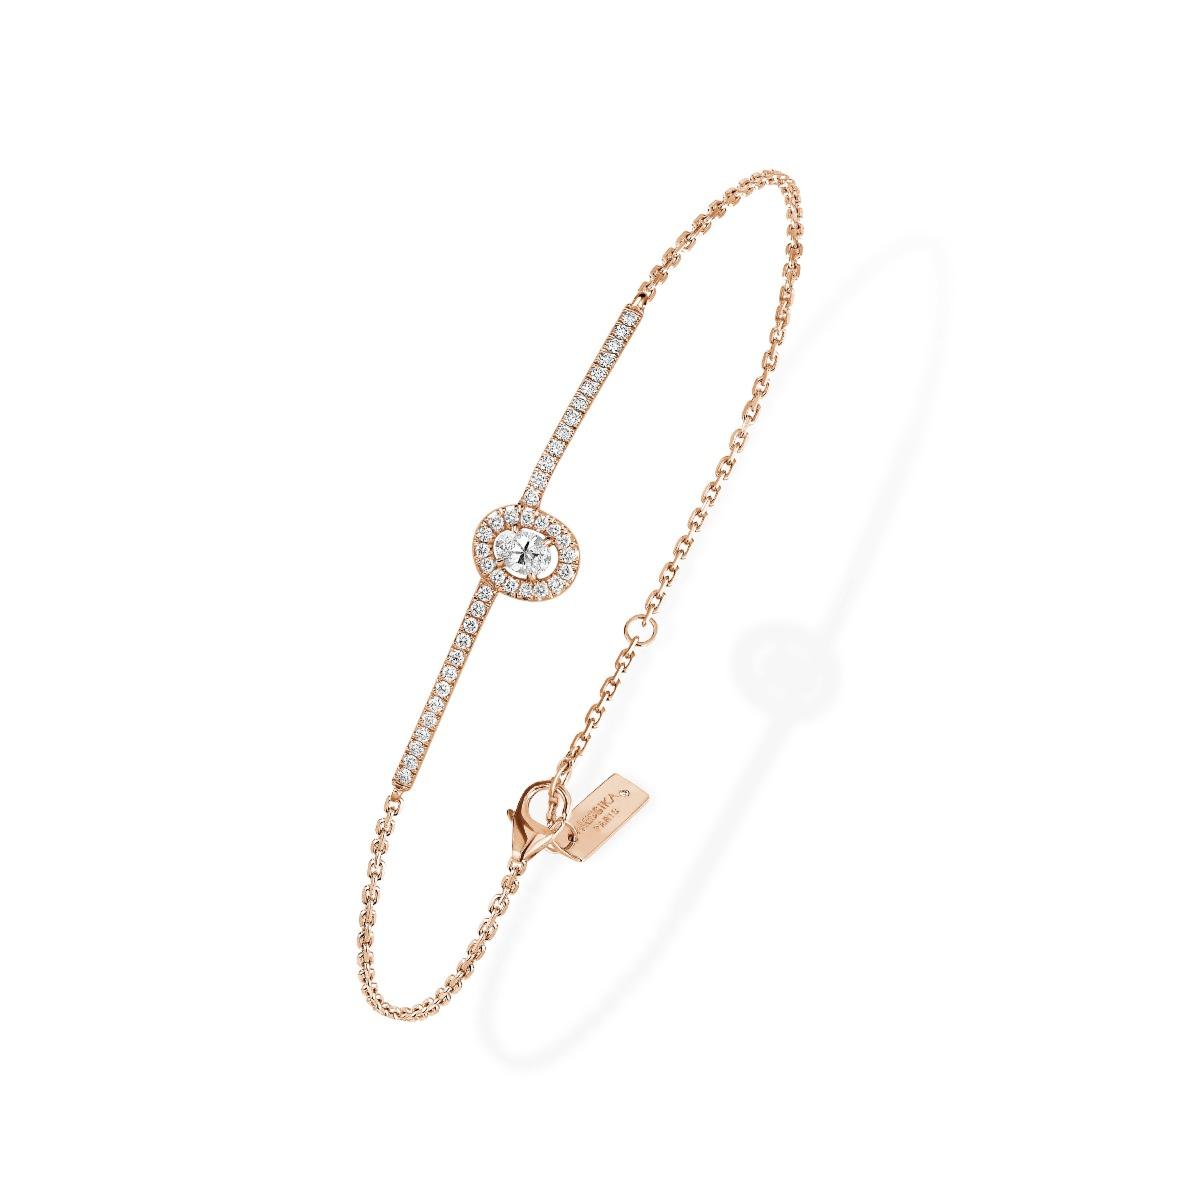 c56a6a23919ba3 Glam'Azone pavé diamond bracelet - P06177 - GLAM'AZONE - Messika ...